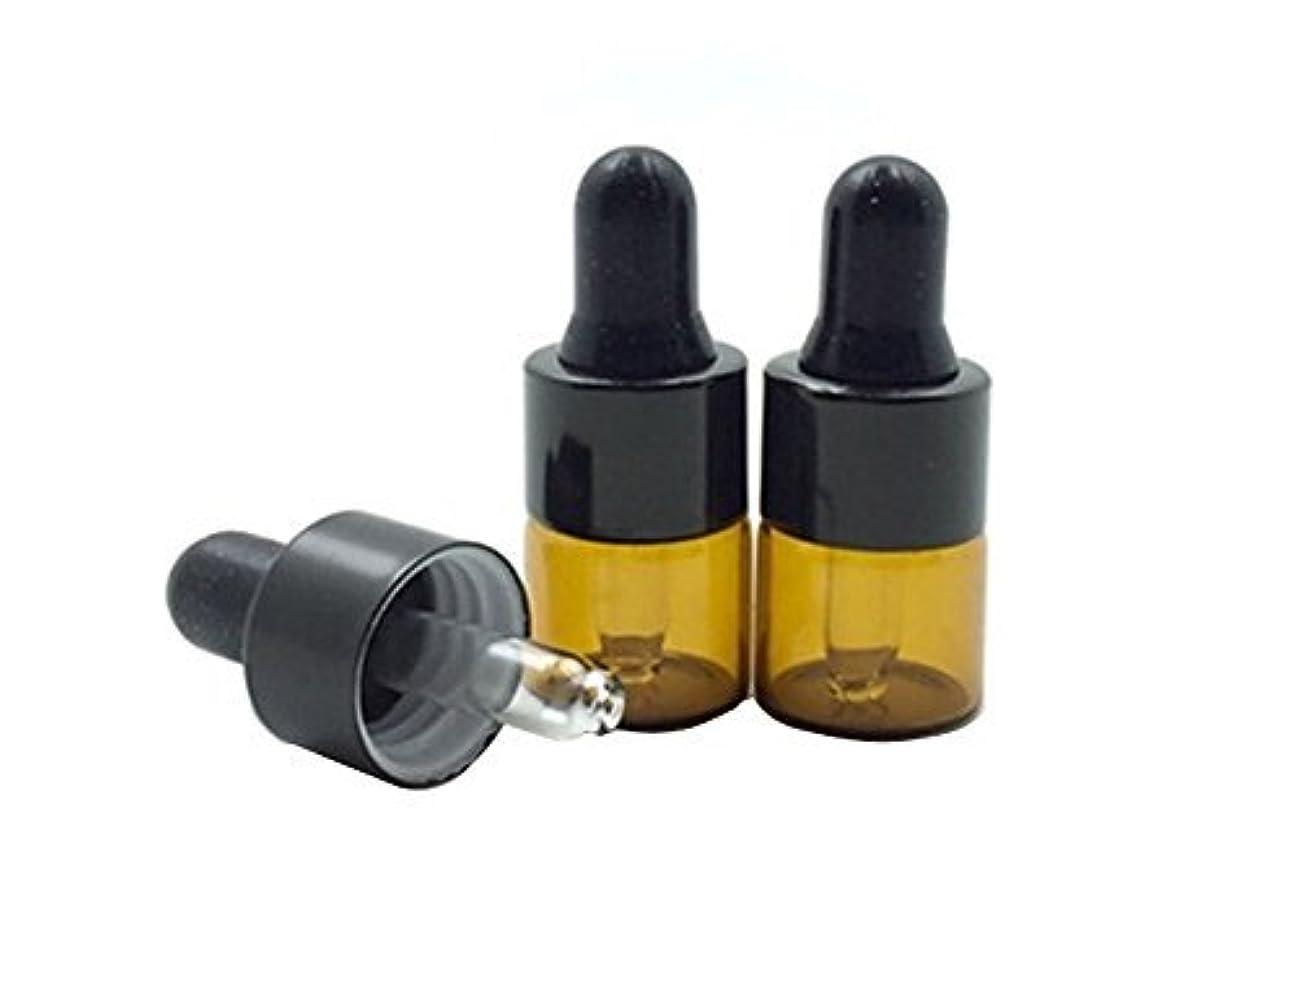 定期的不健全反毒15 Pcs Mini Tiny 1ml Amber Glass Dropper Bottles Refillable Essential Oil Bottles Vials With Eyed Dropper For...